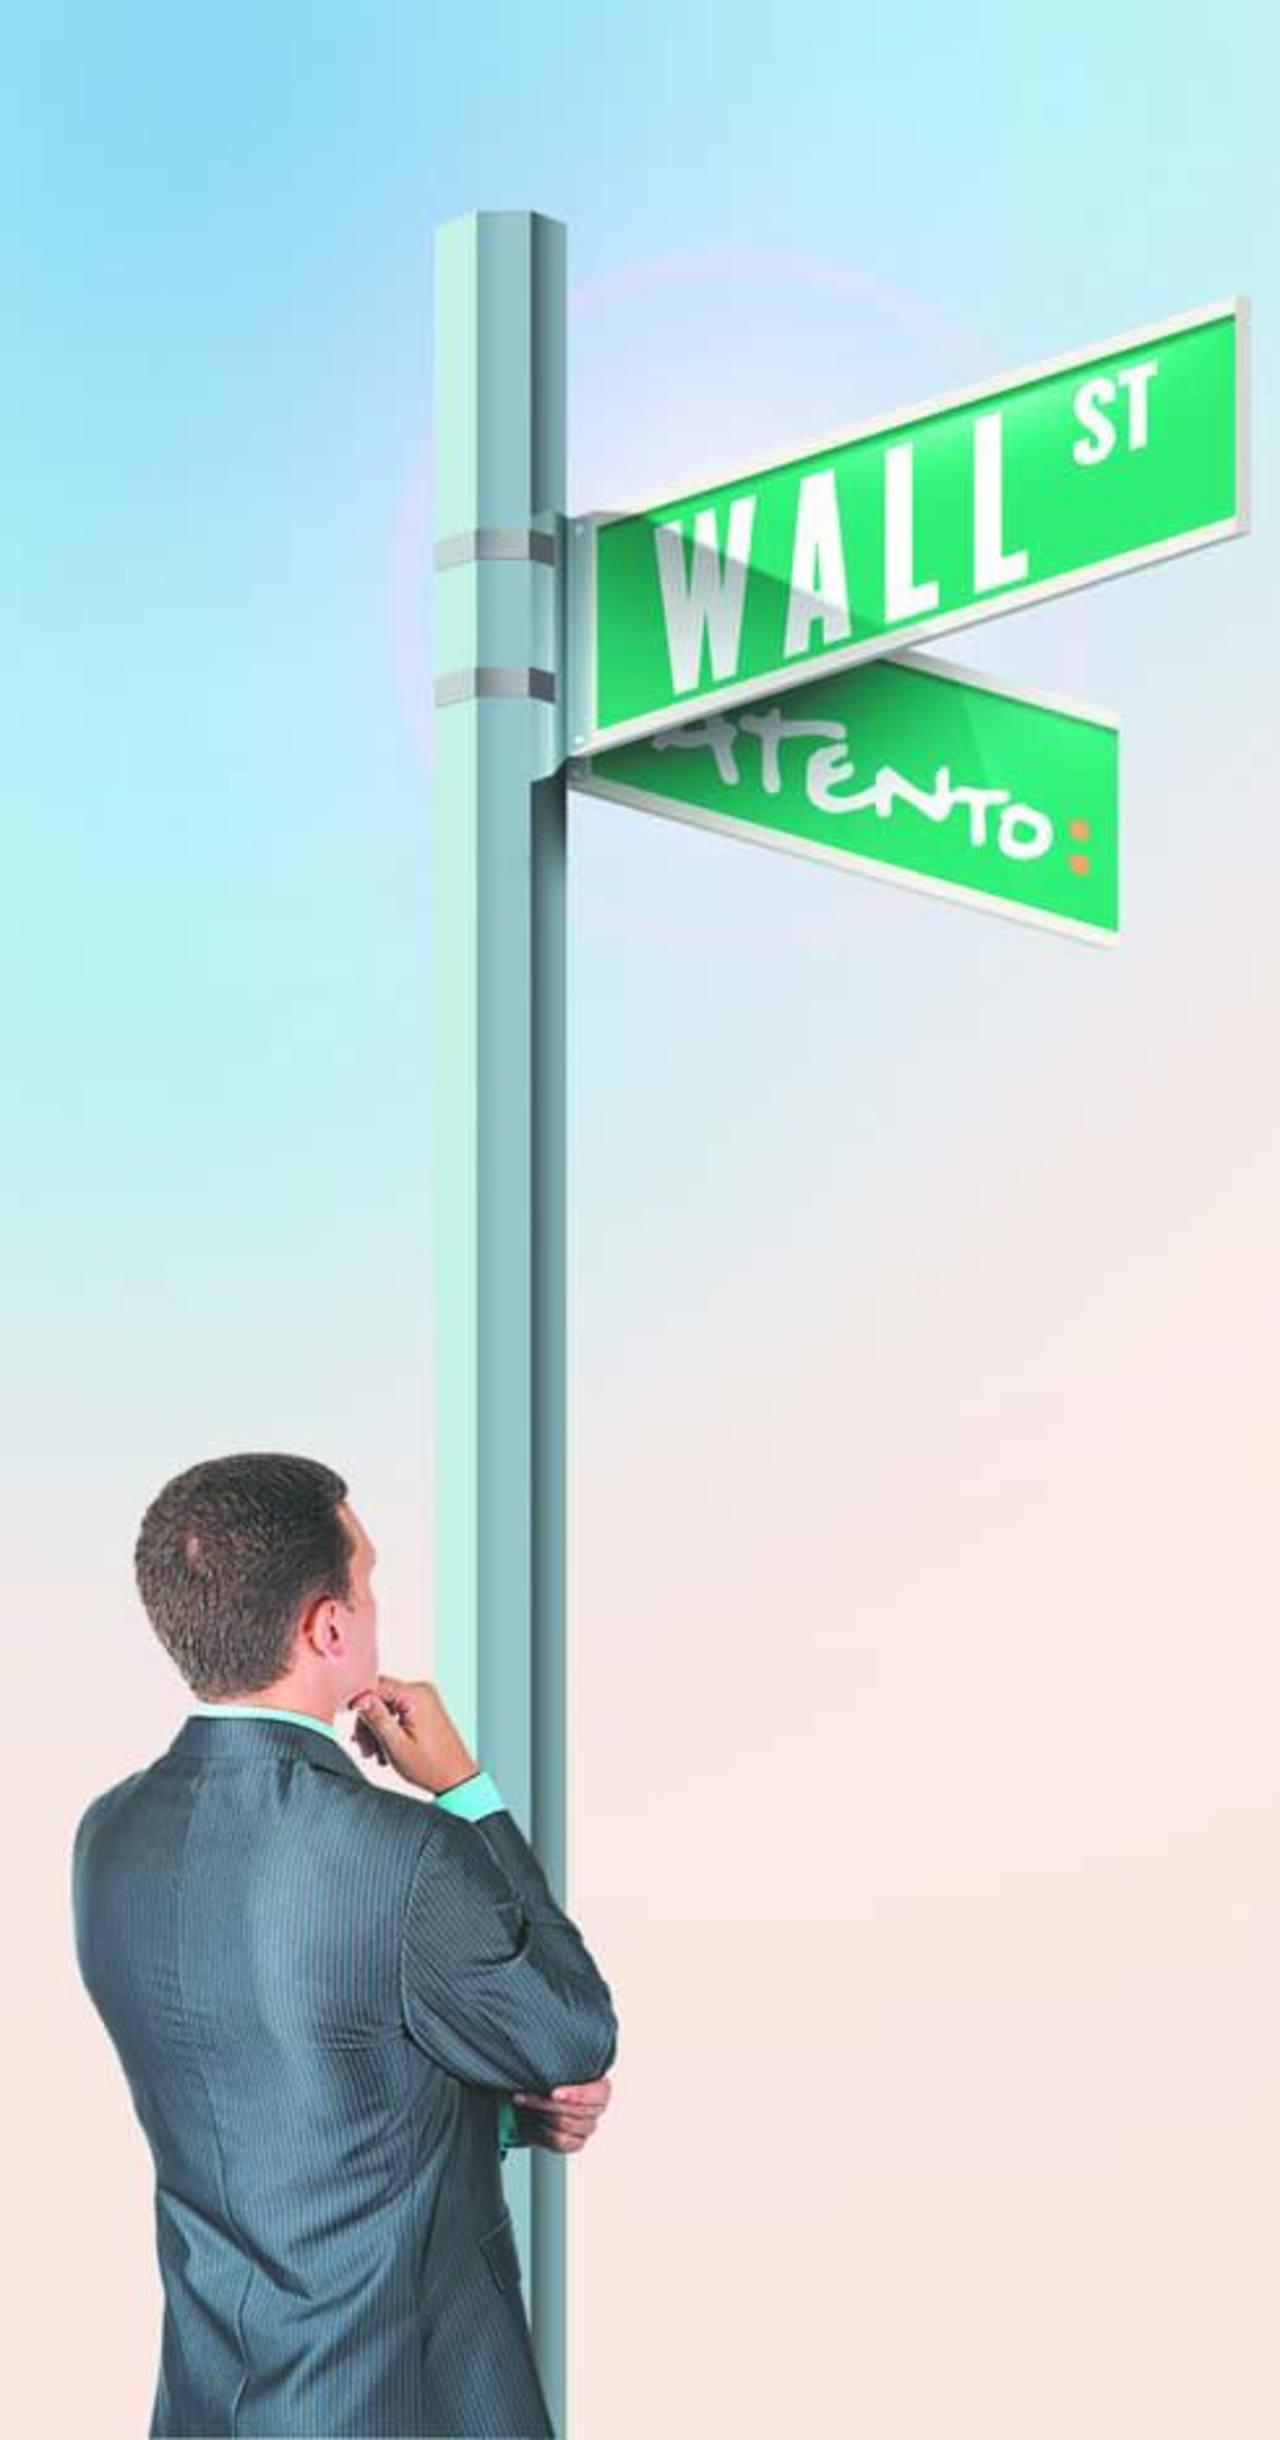 Atento deja el ombligo y se muda a Wall Street